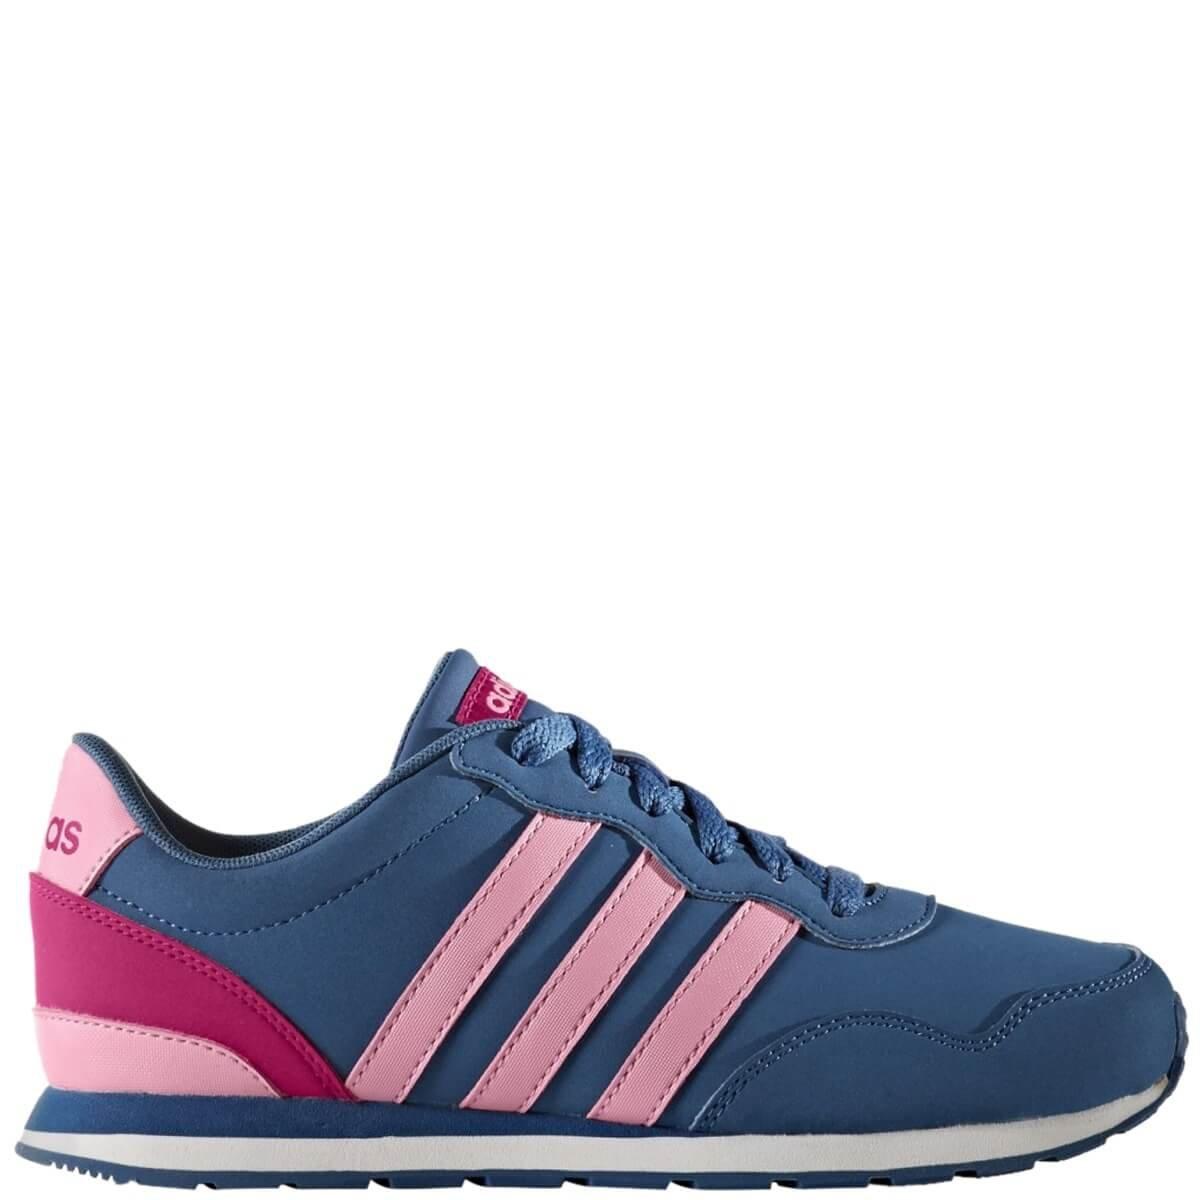 c7859ad877 Bizz Store - Tênis Infantil Feminino Adidas V Jog K Azul